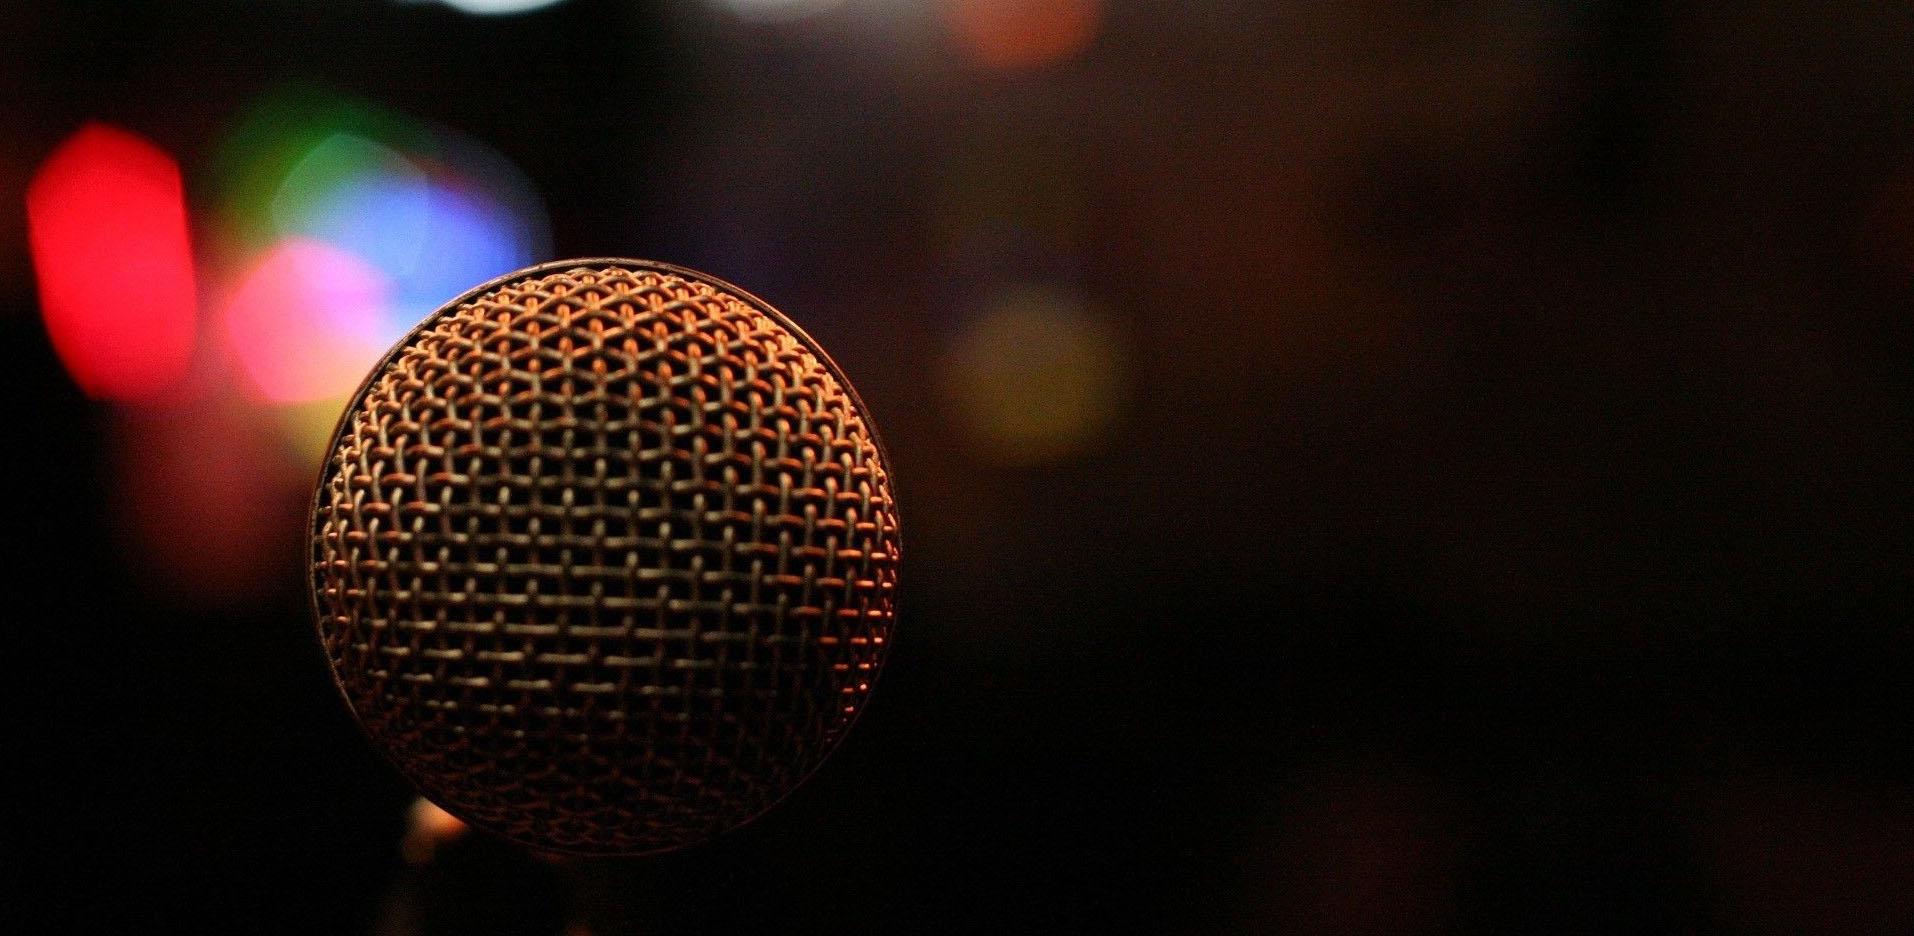 microfono-169375